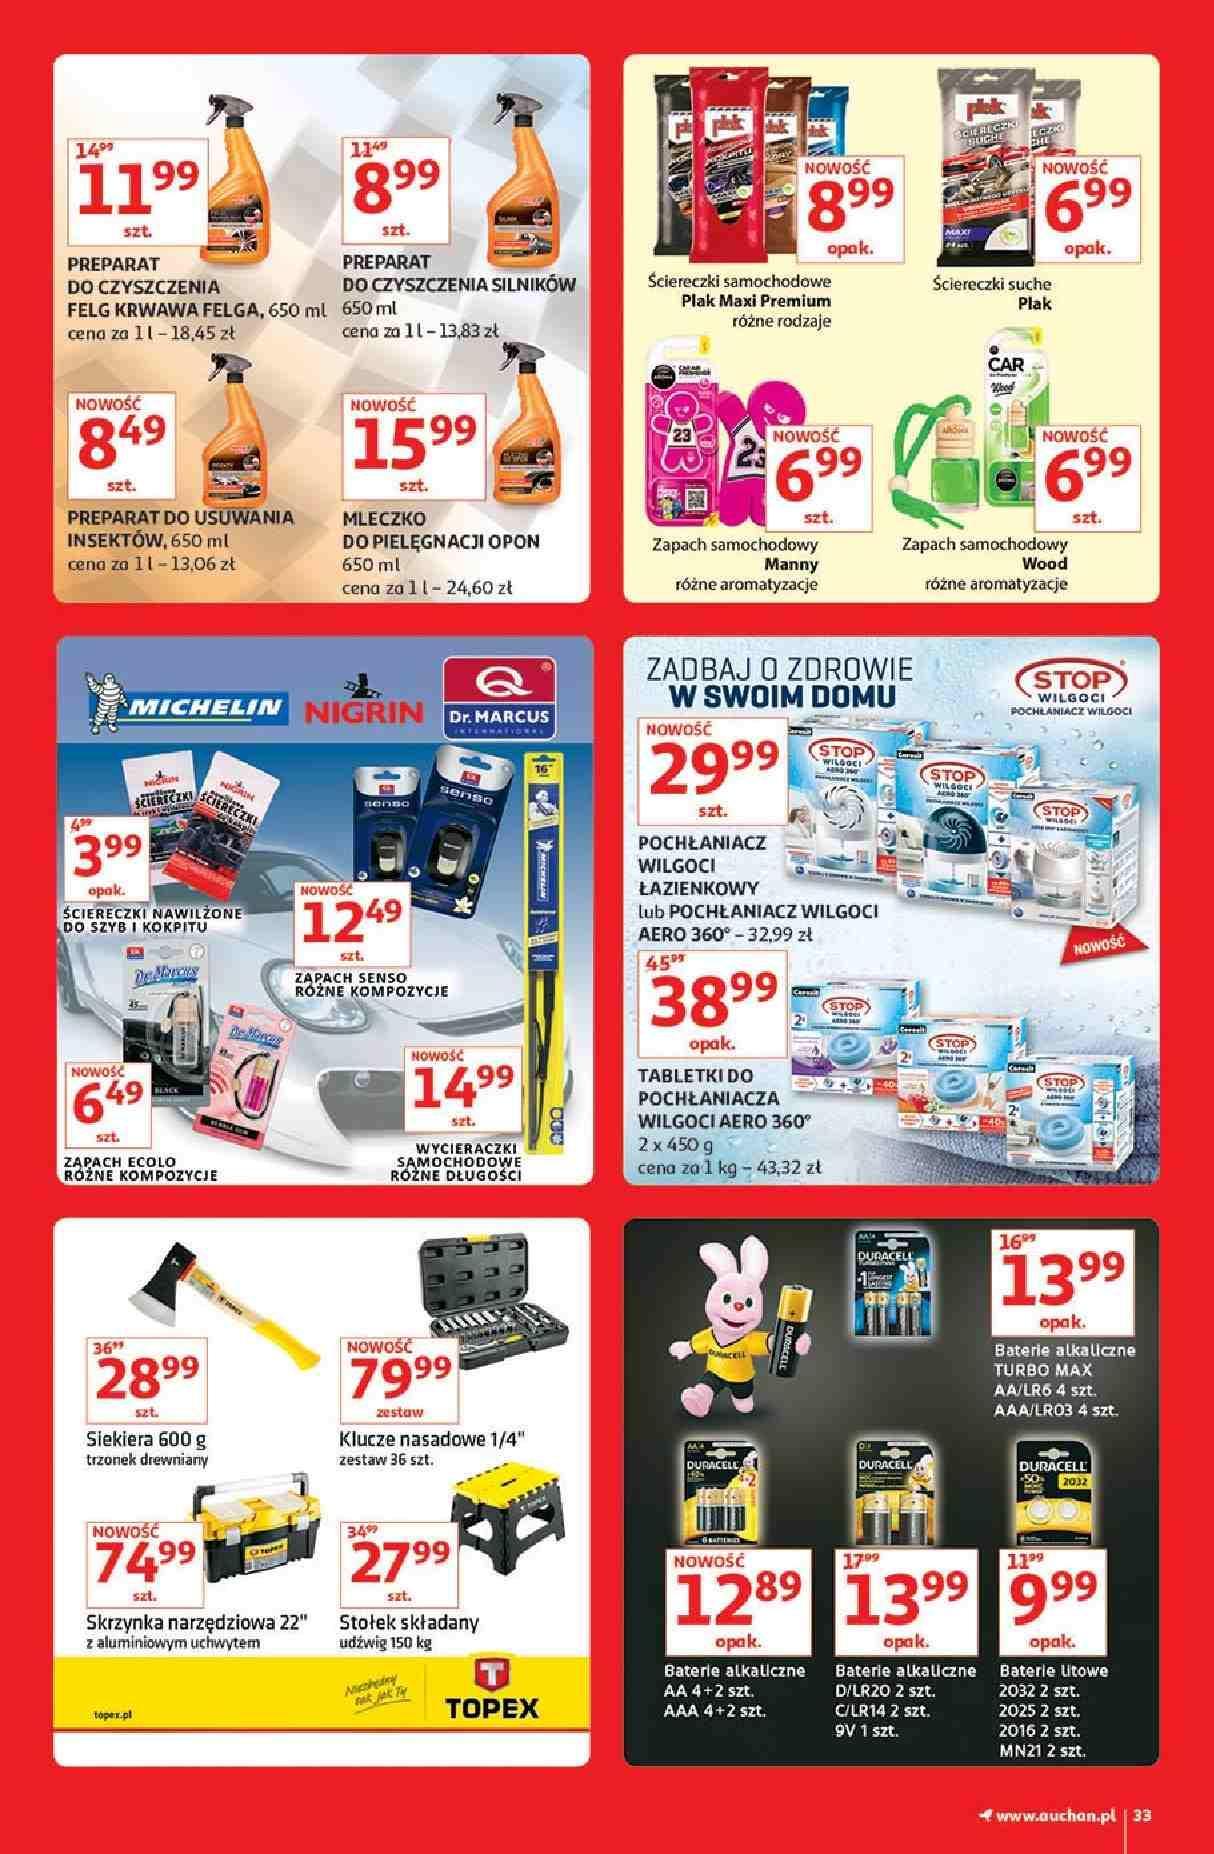 Gazetka promocyjna Auchan do 13/03/2019 str.33